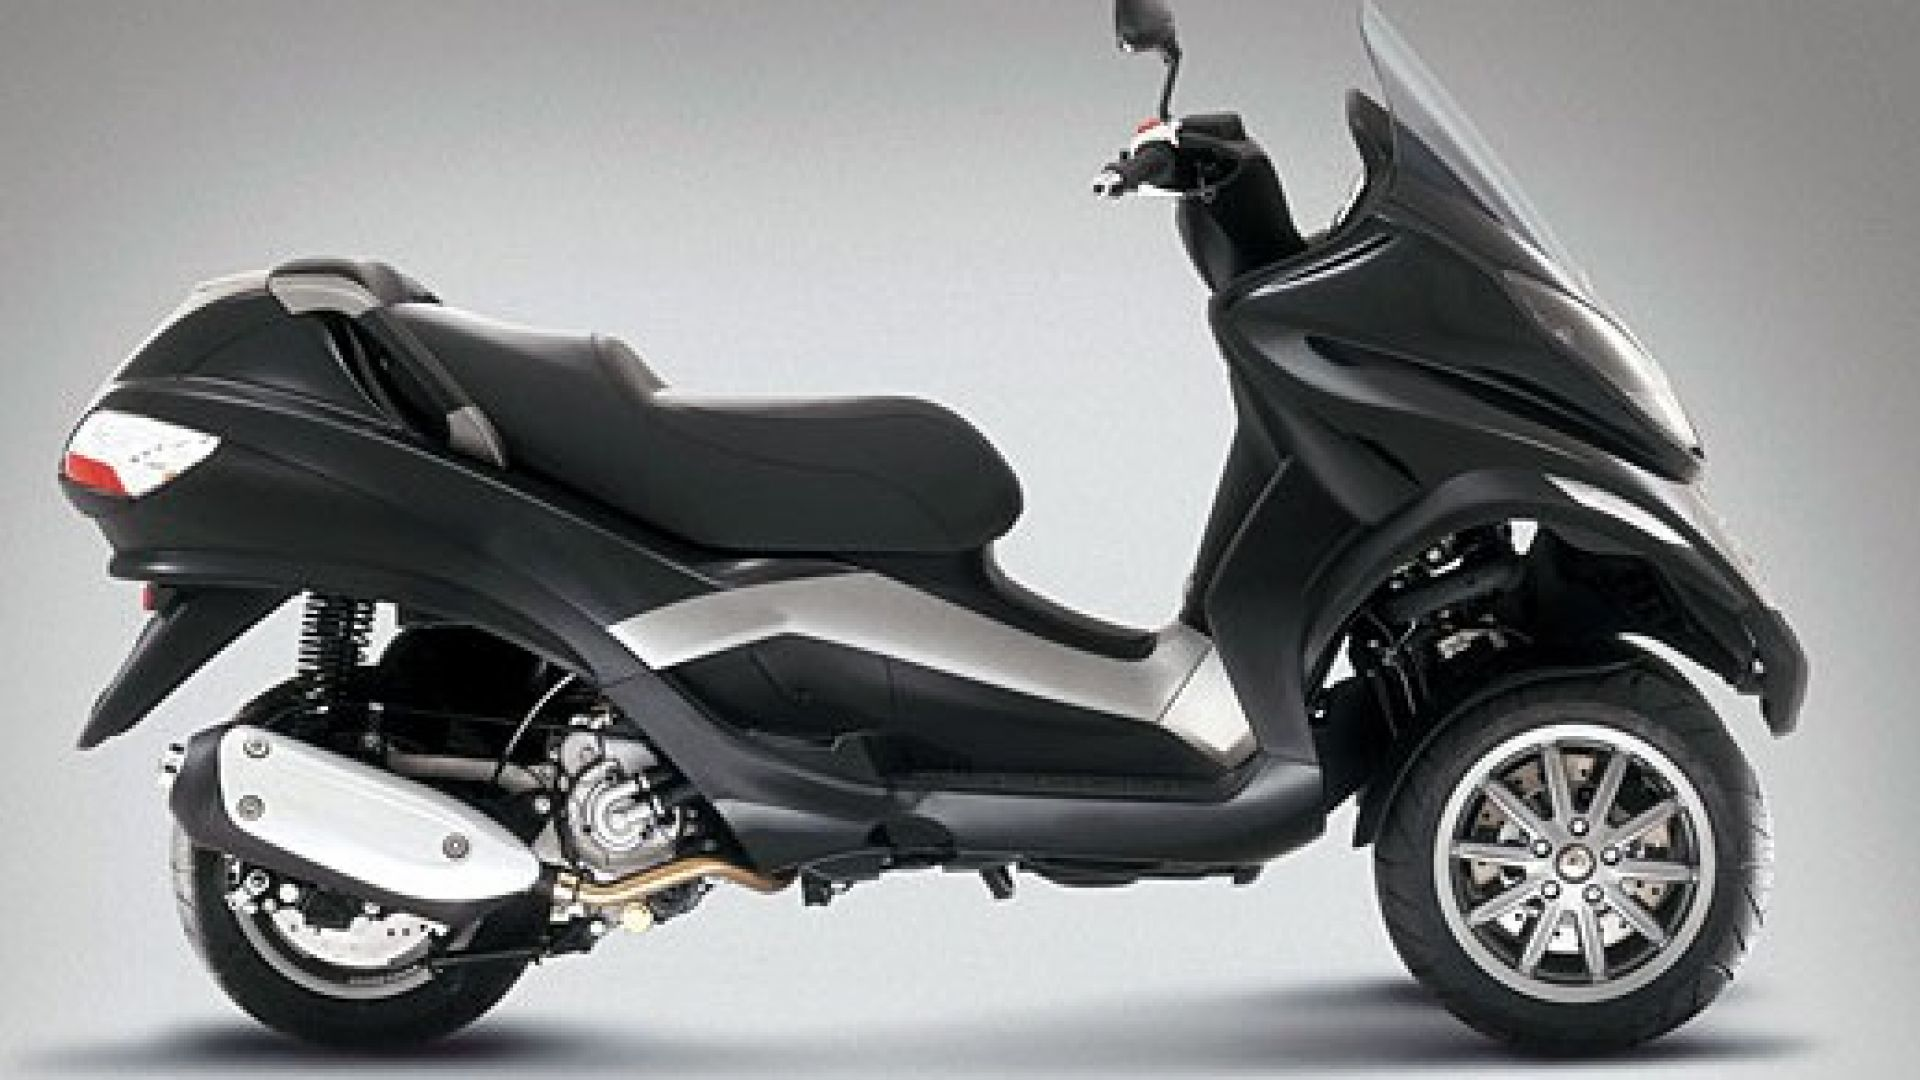 Immagine 3: Piaggio MP3, lo scooter con tre ruote